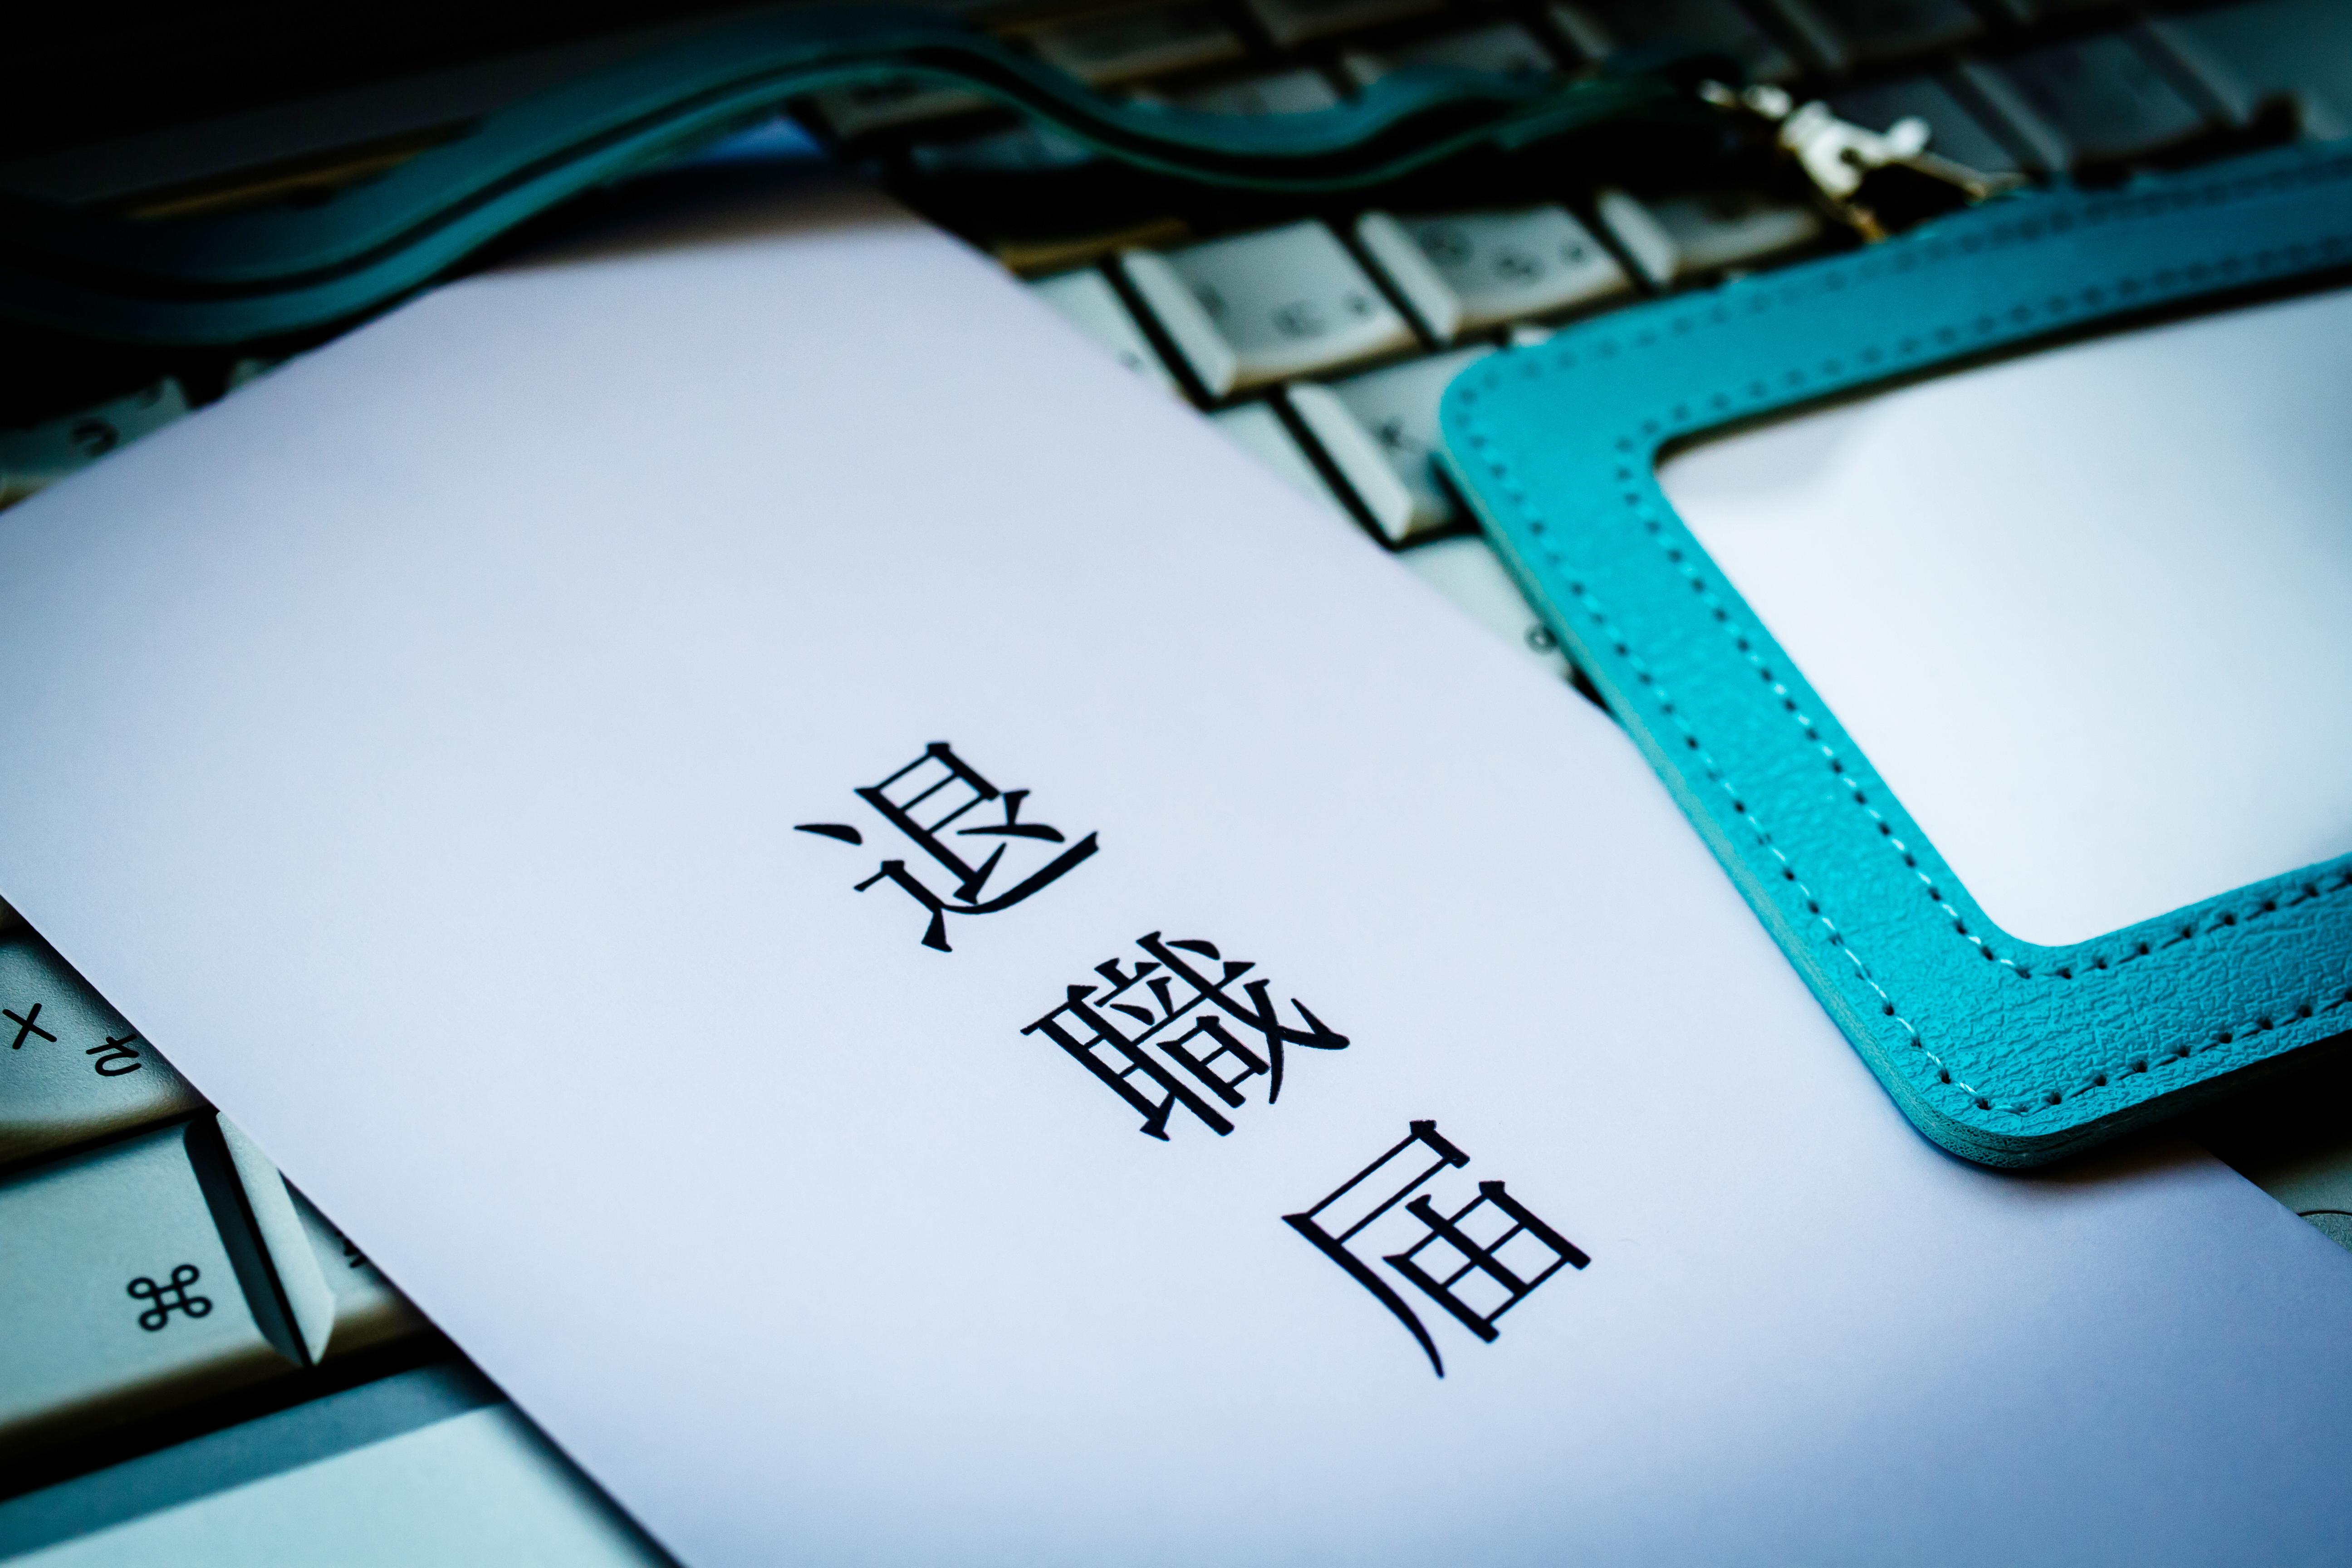 退職届の封筒の書き方!サイズや色の選び方から郵送時の注意まで詳しく解説!